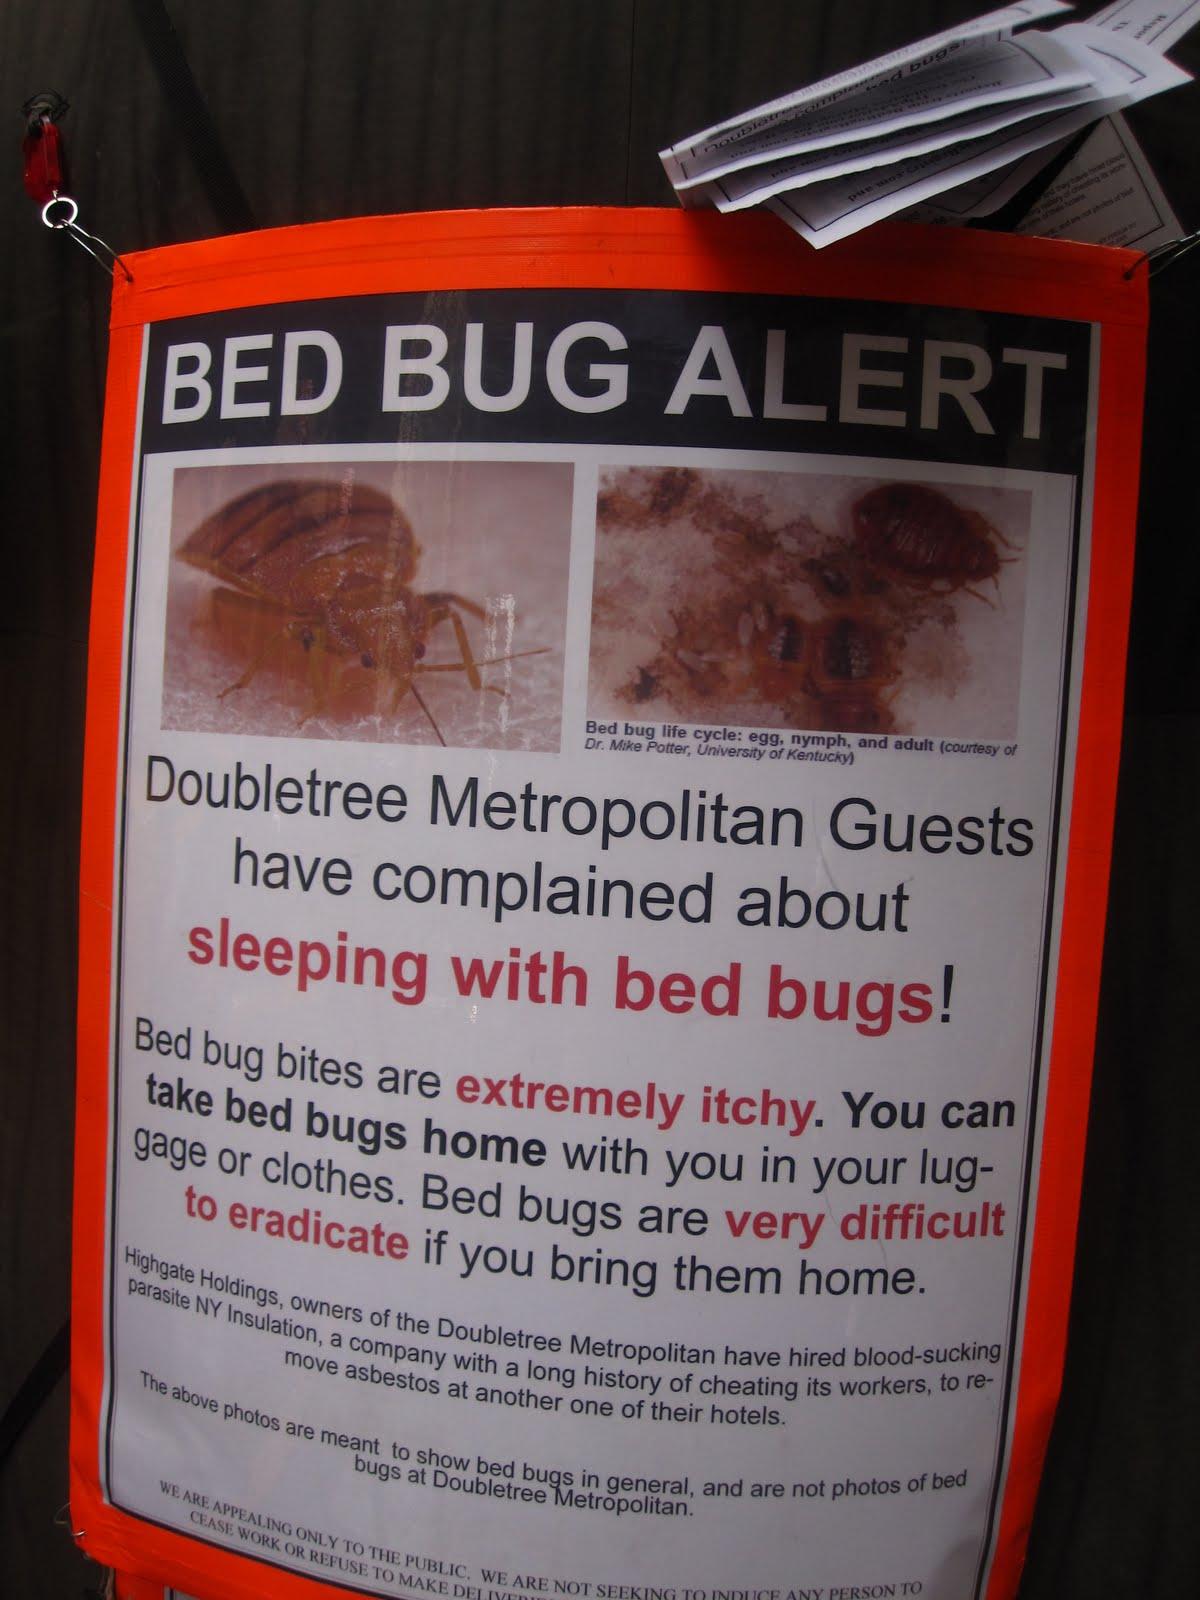 Bed bug alert ukscreen for Bed bug alert